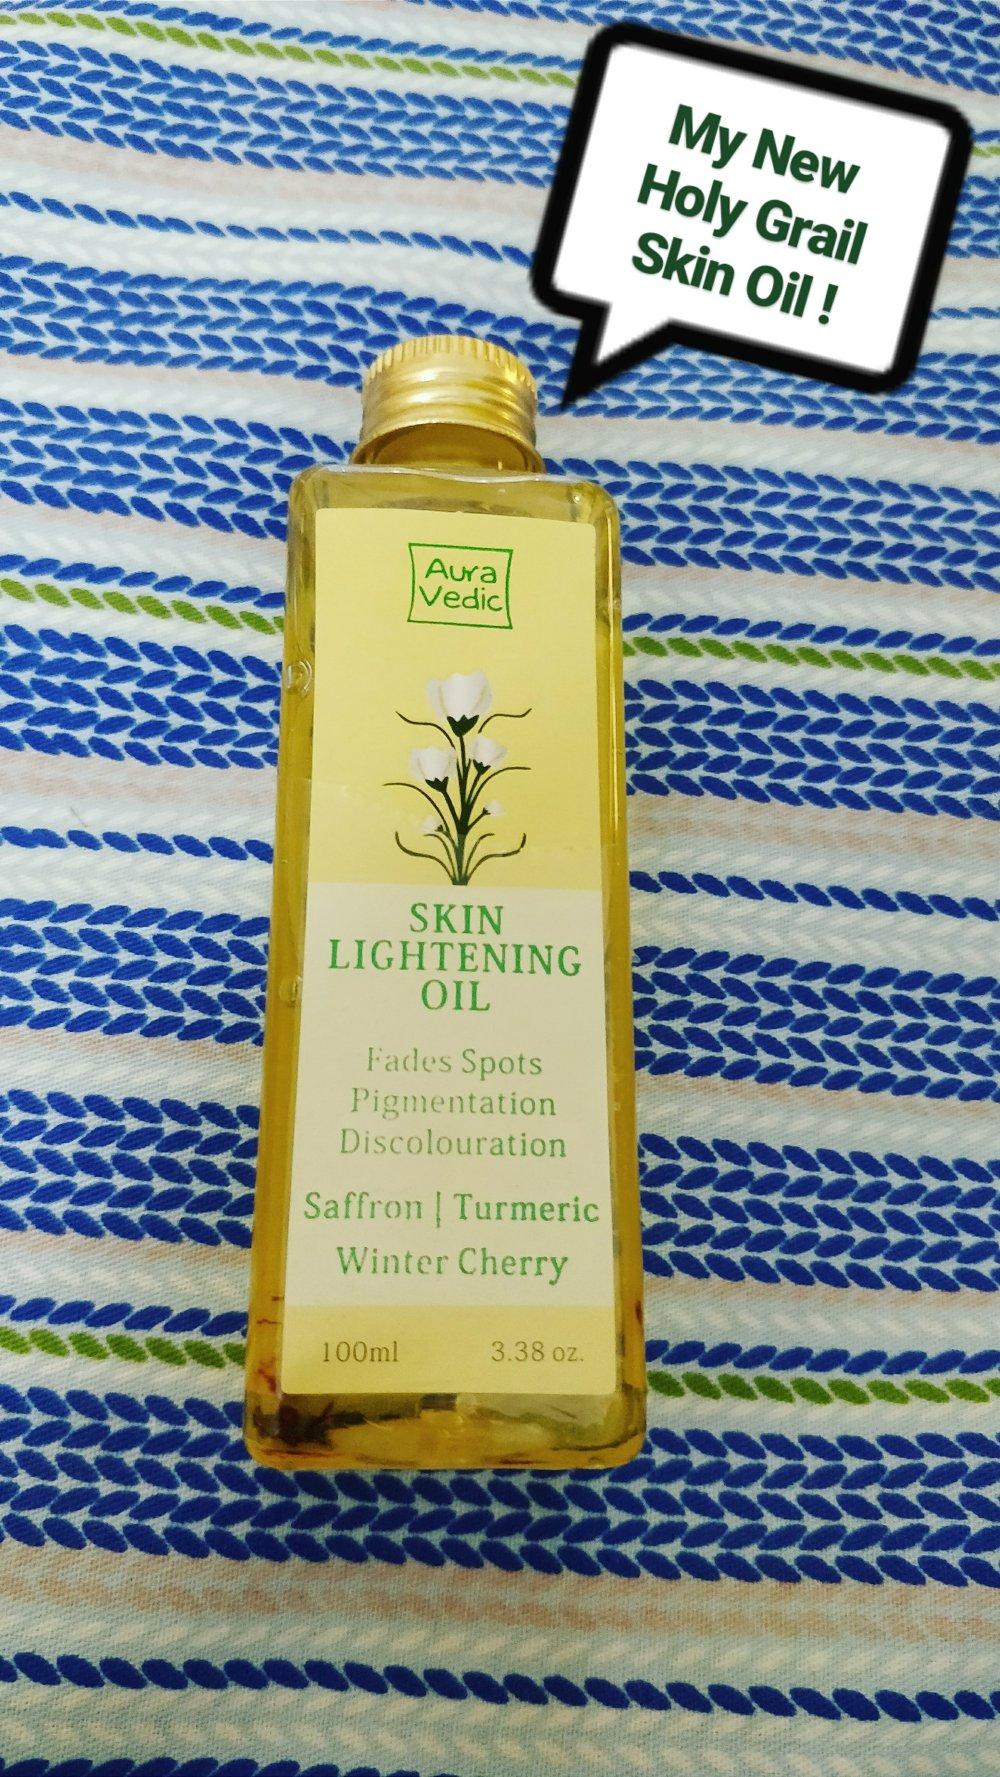 Ayravedic Skin Lightening Oil Review